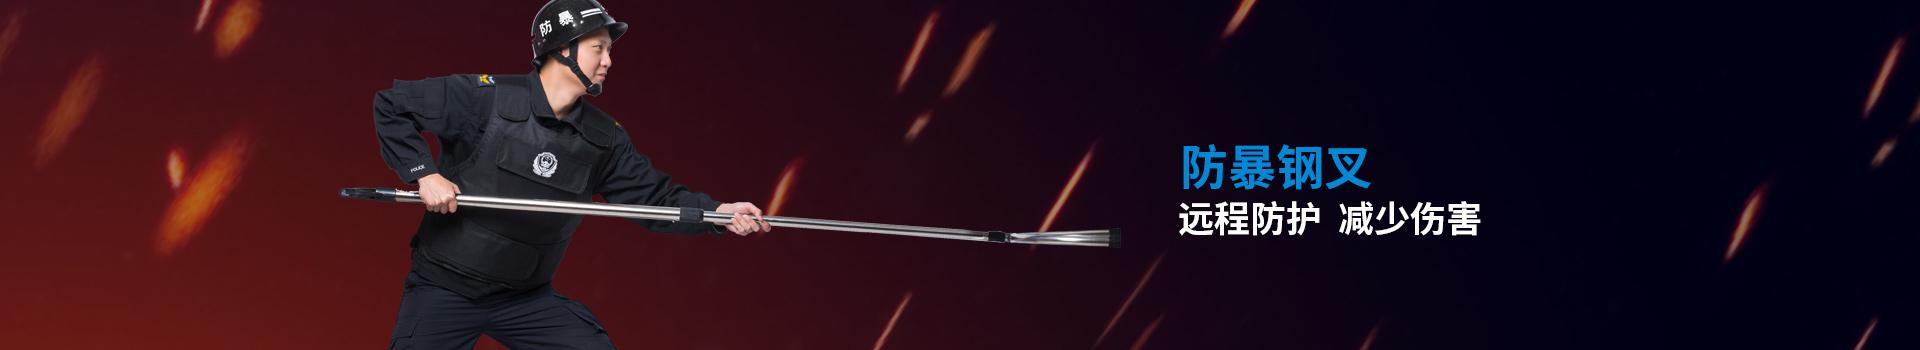 固安防暴钢叉  远程防护  减少伤害